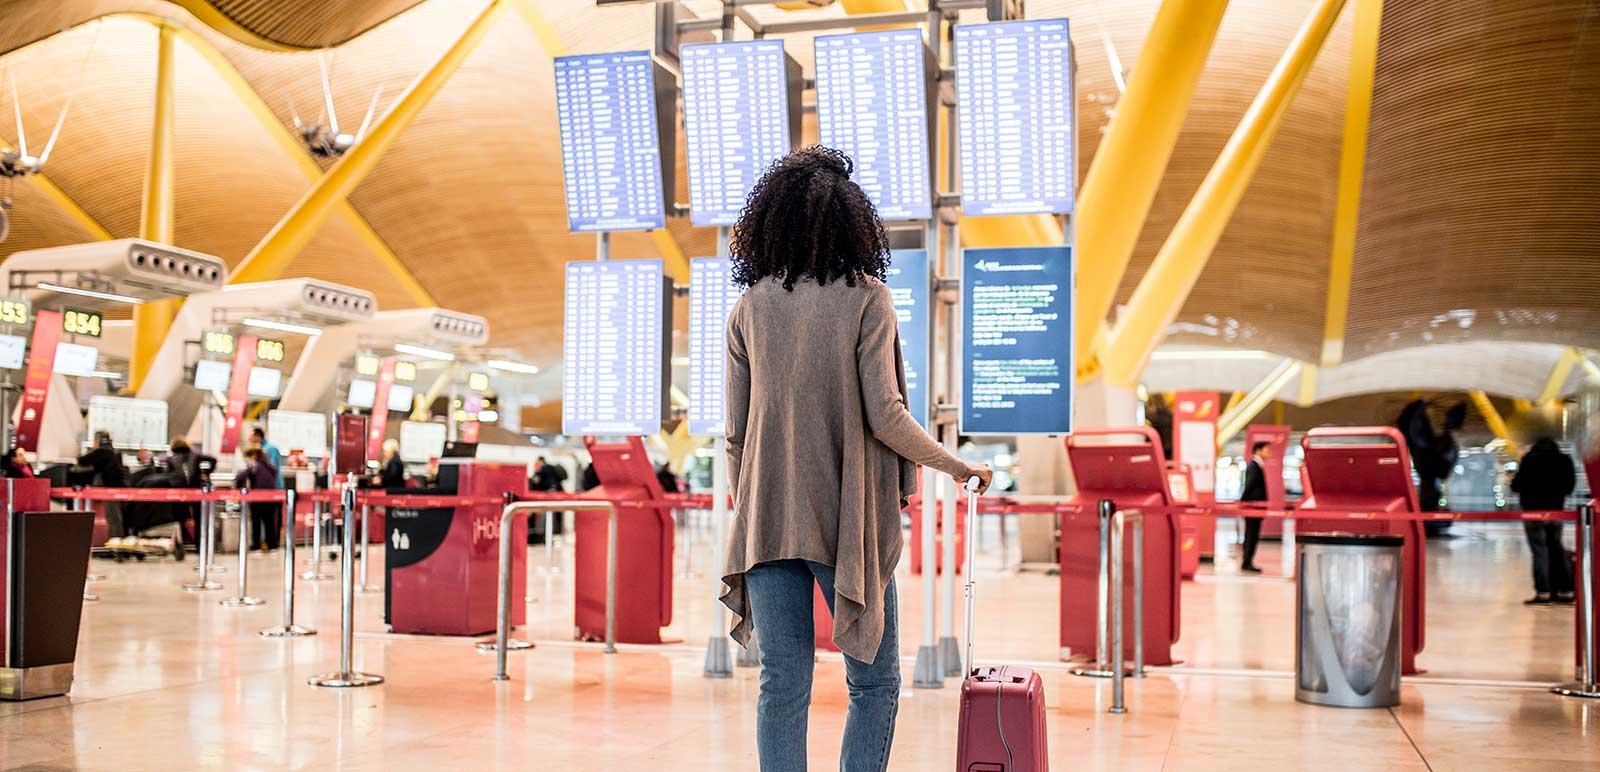 Cómo va a cambiar el turismo en el mundo tras la COVID | Escuela Universitaria Formatic Barcelona